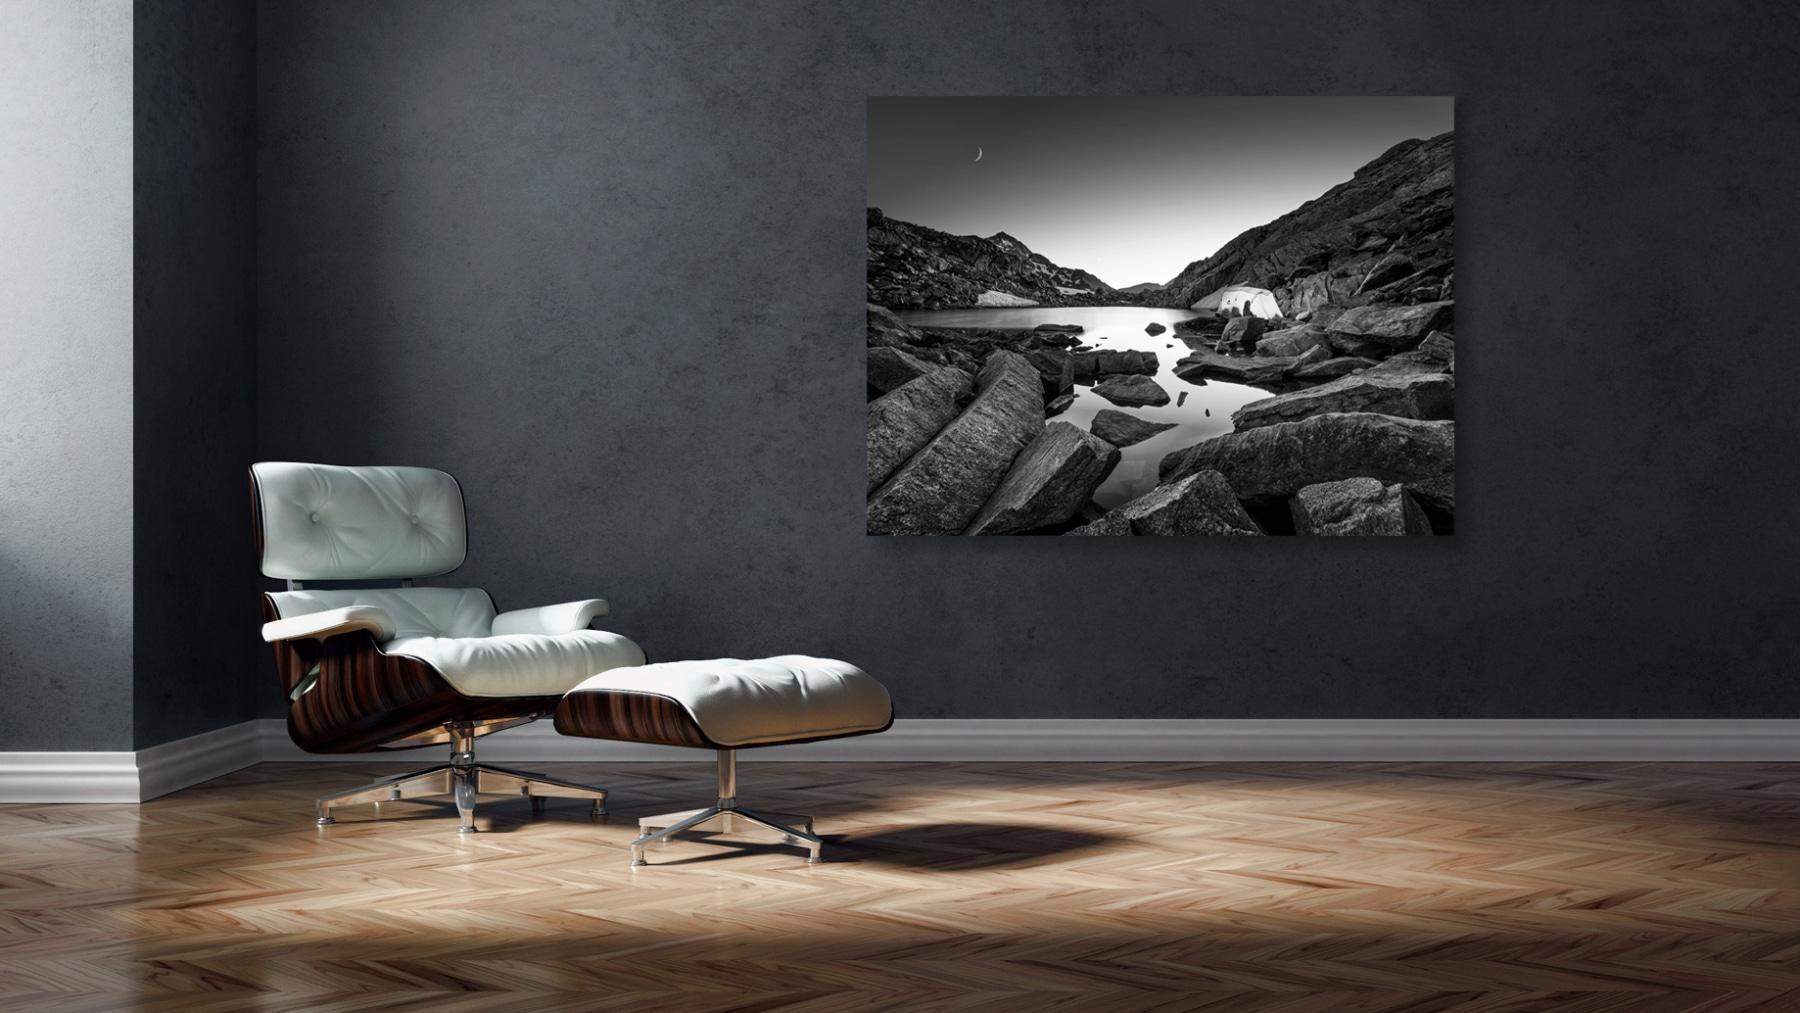 Schwarz-Weiss Fine Art Fotografien Copyright © by Gerry Pacher